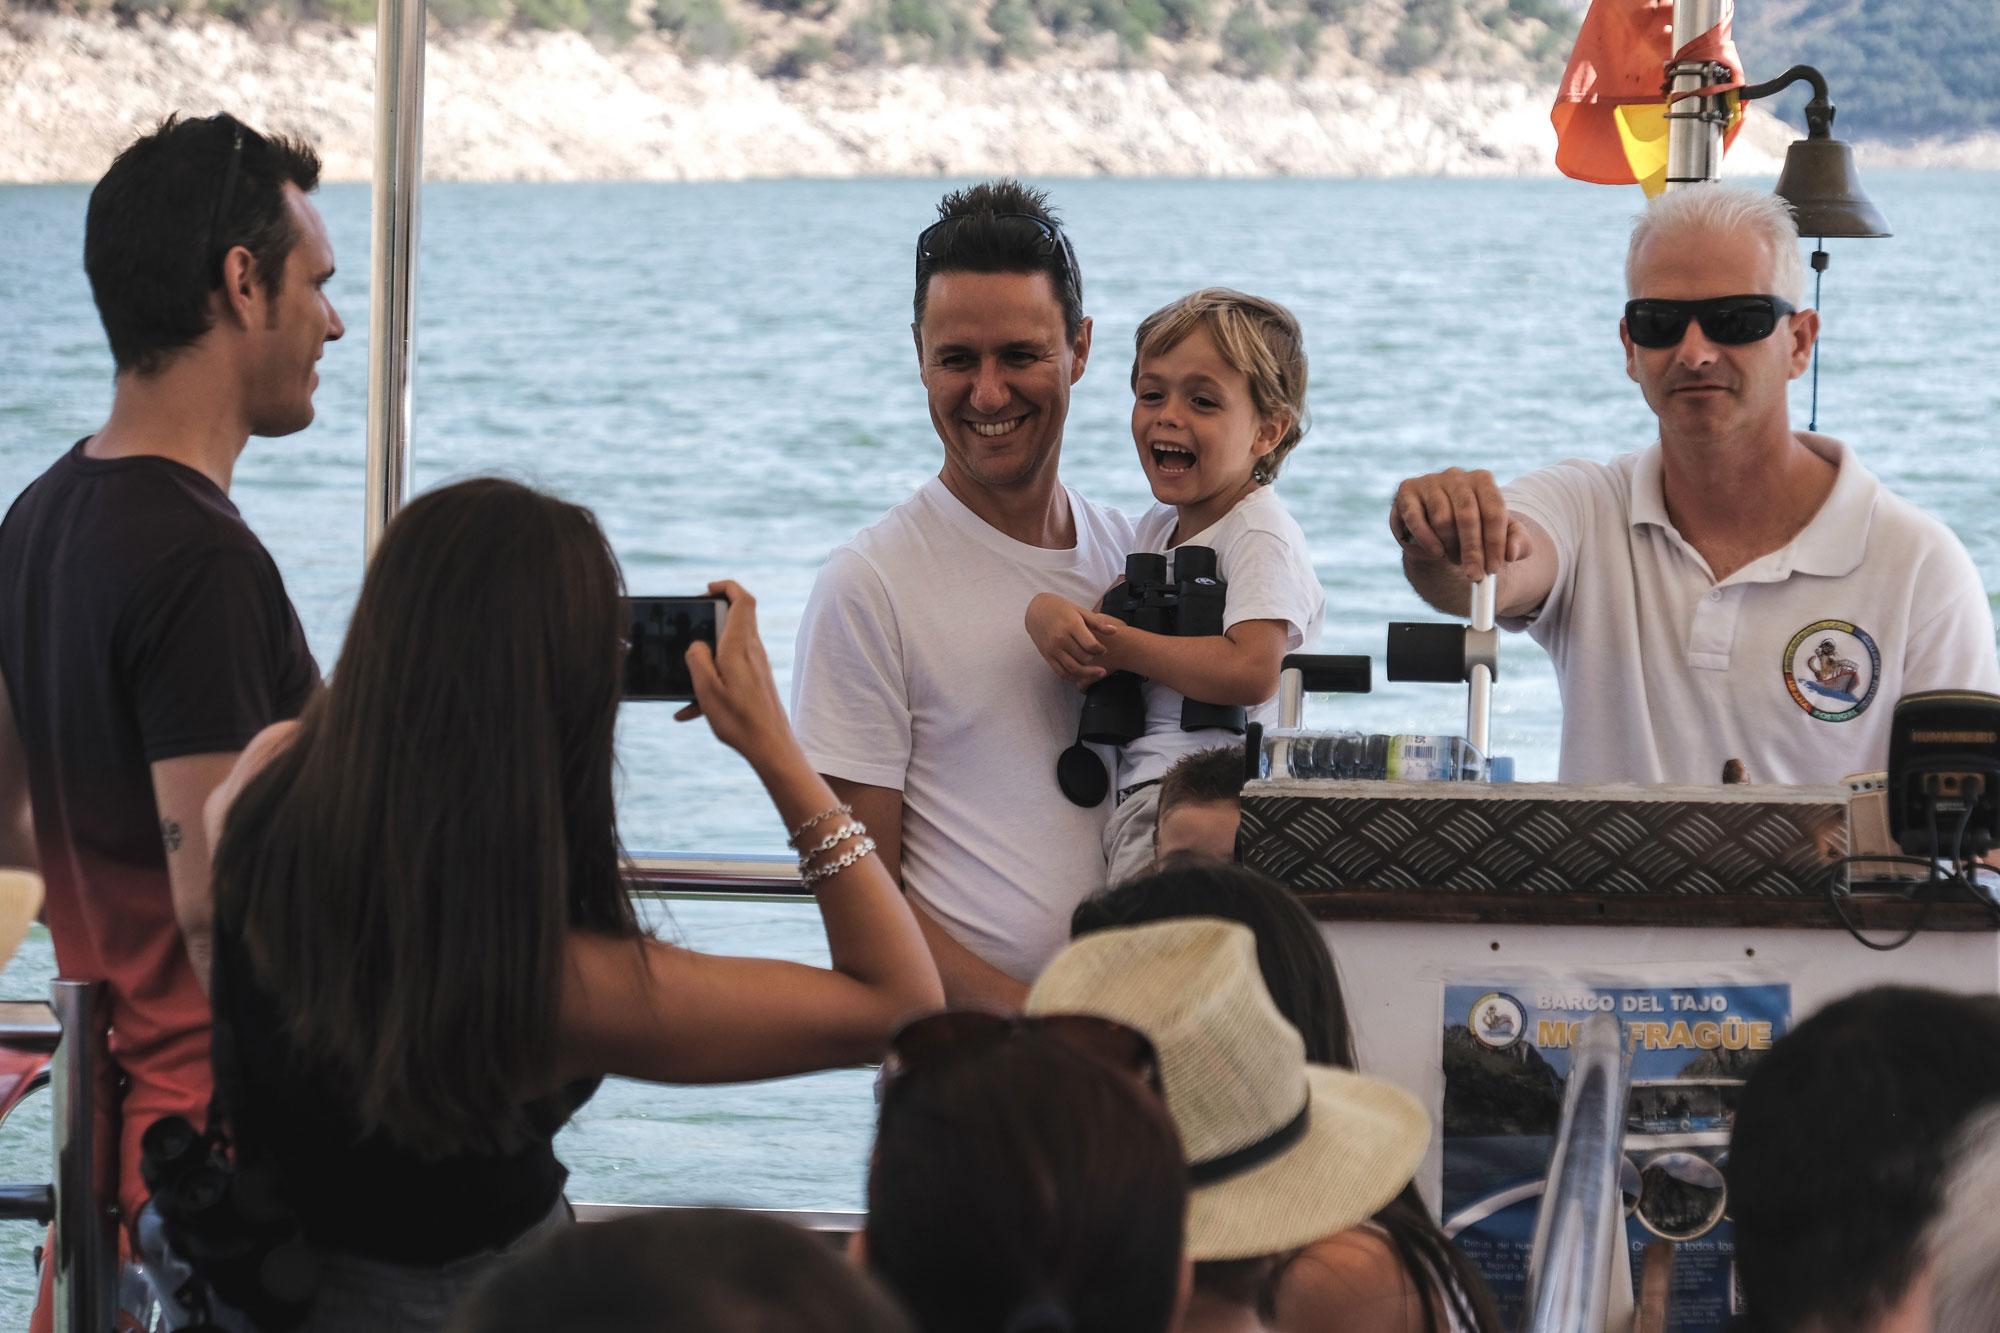 Diego posa con los prismáticos en la mano junto al patrón del barco.